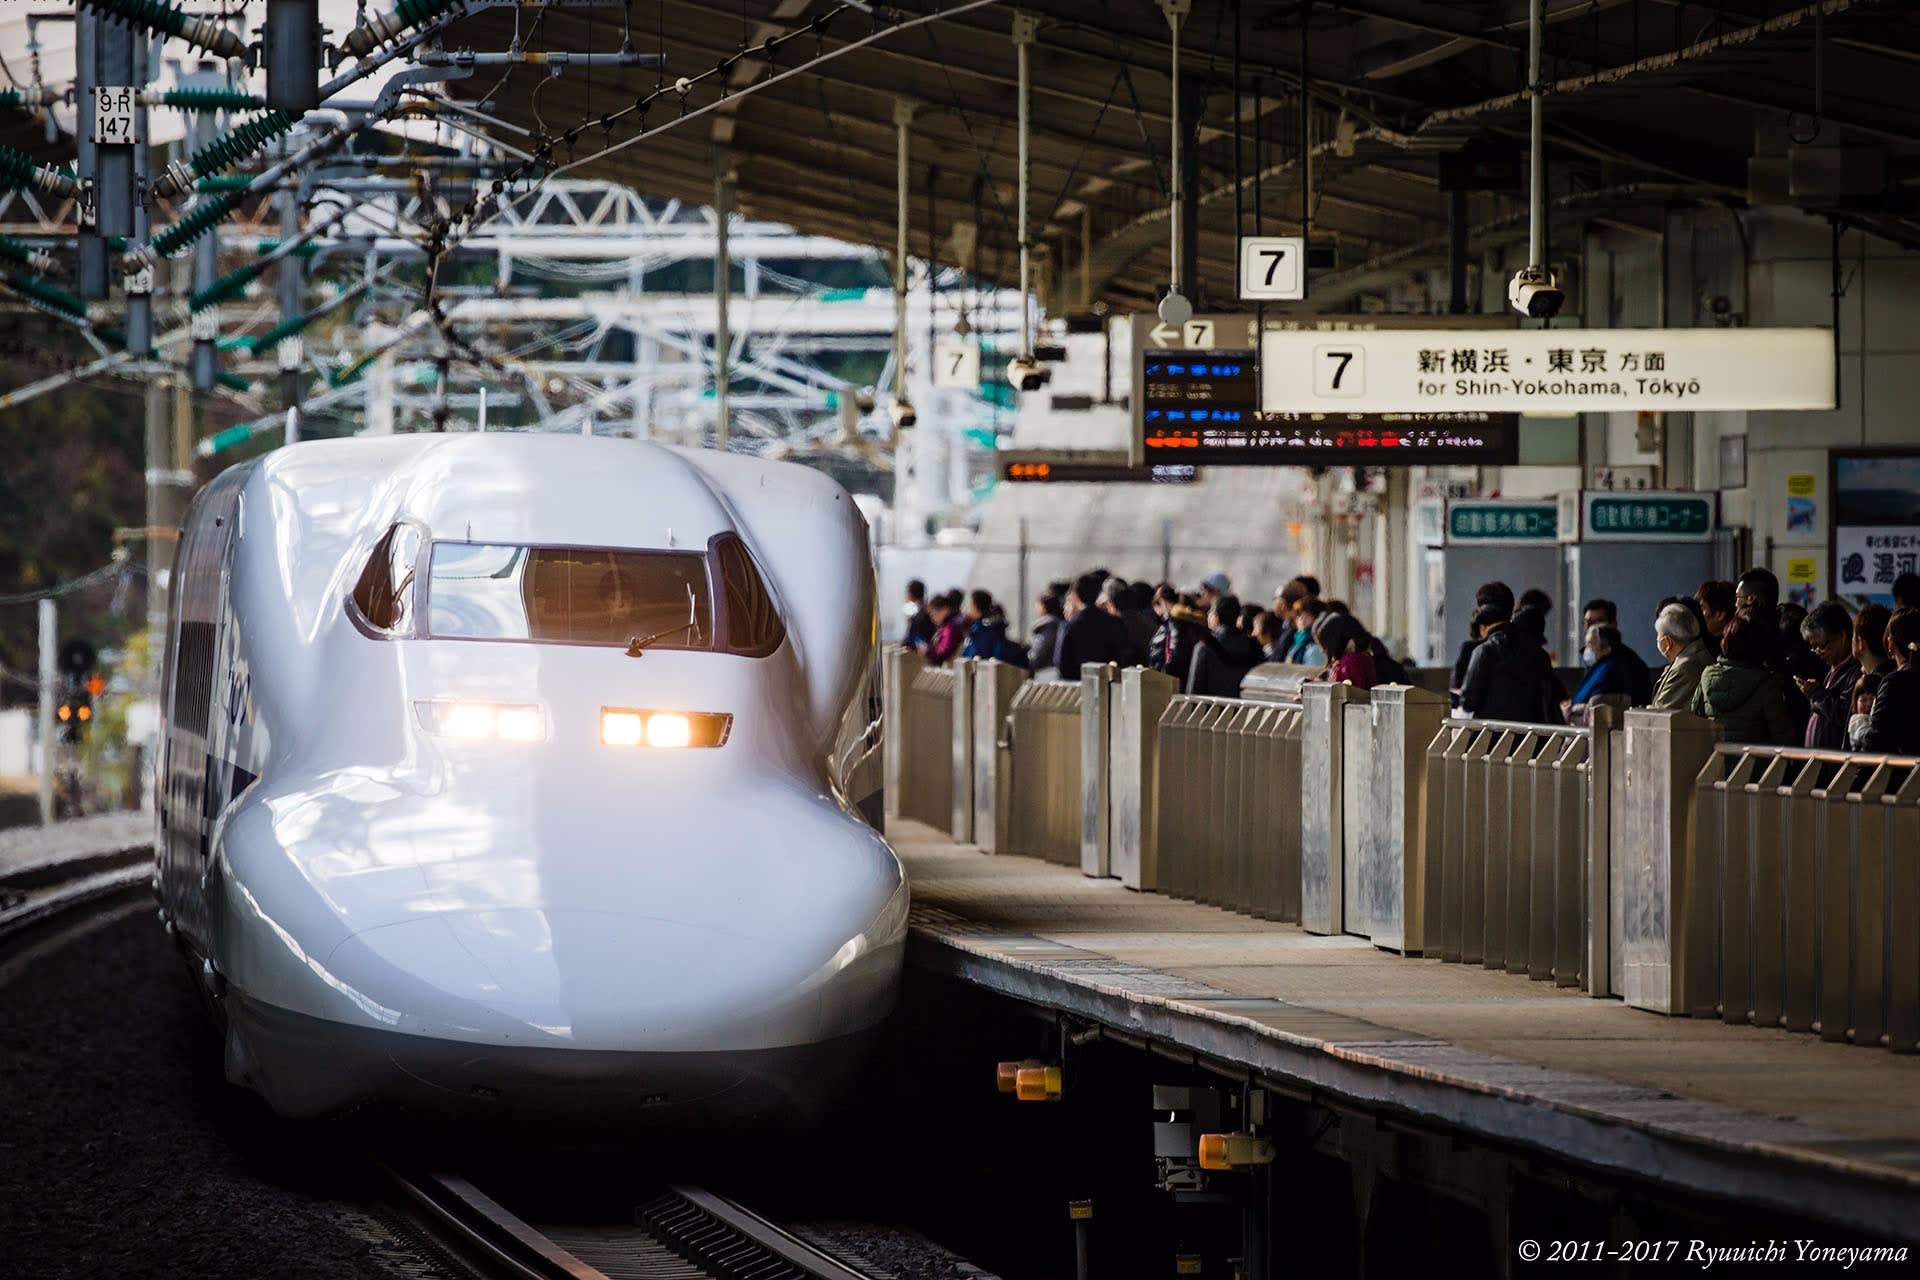 2017年暮れの新幹線熱海駅での日常 - 一瞬に永遠が刻まれて